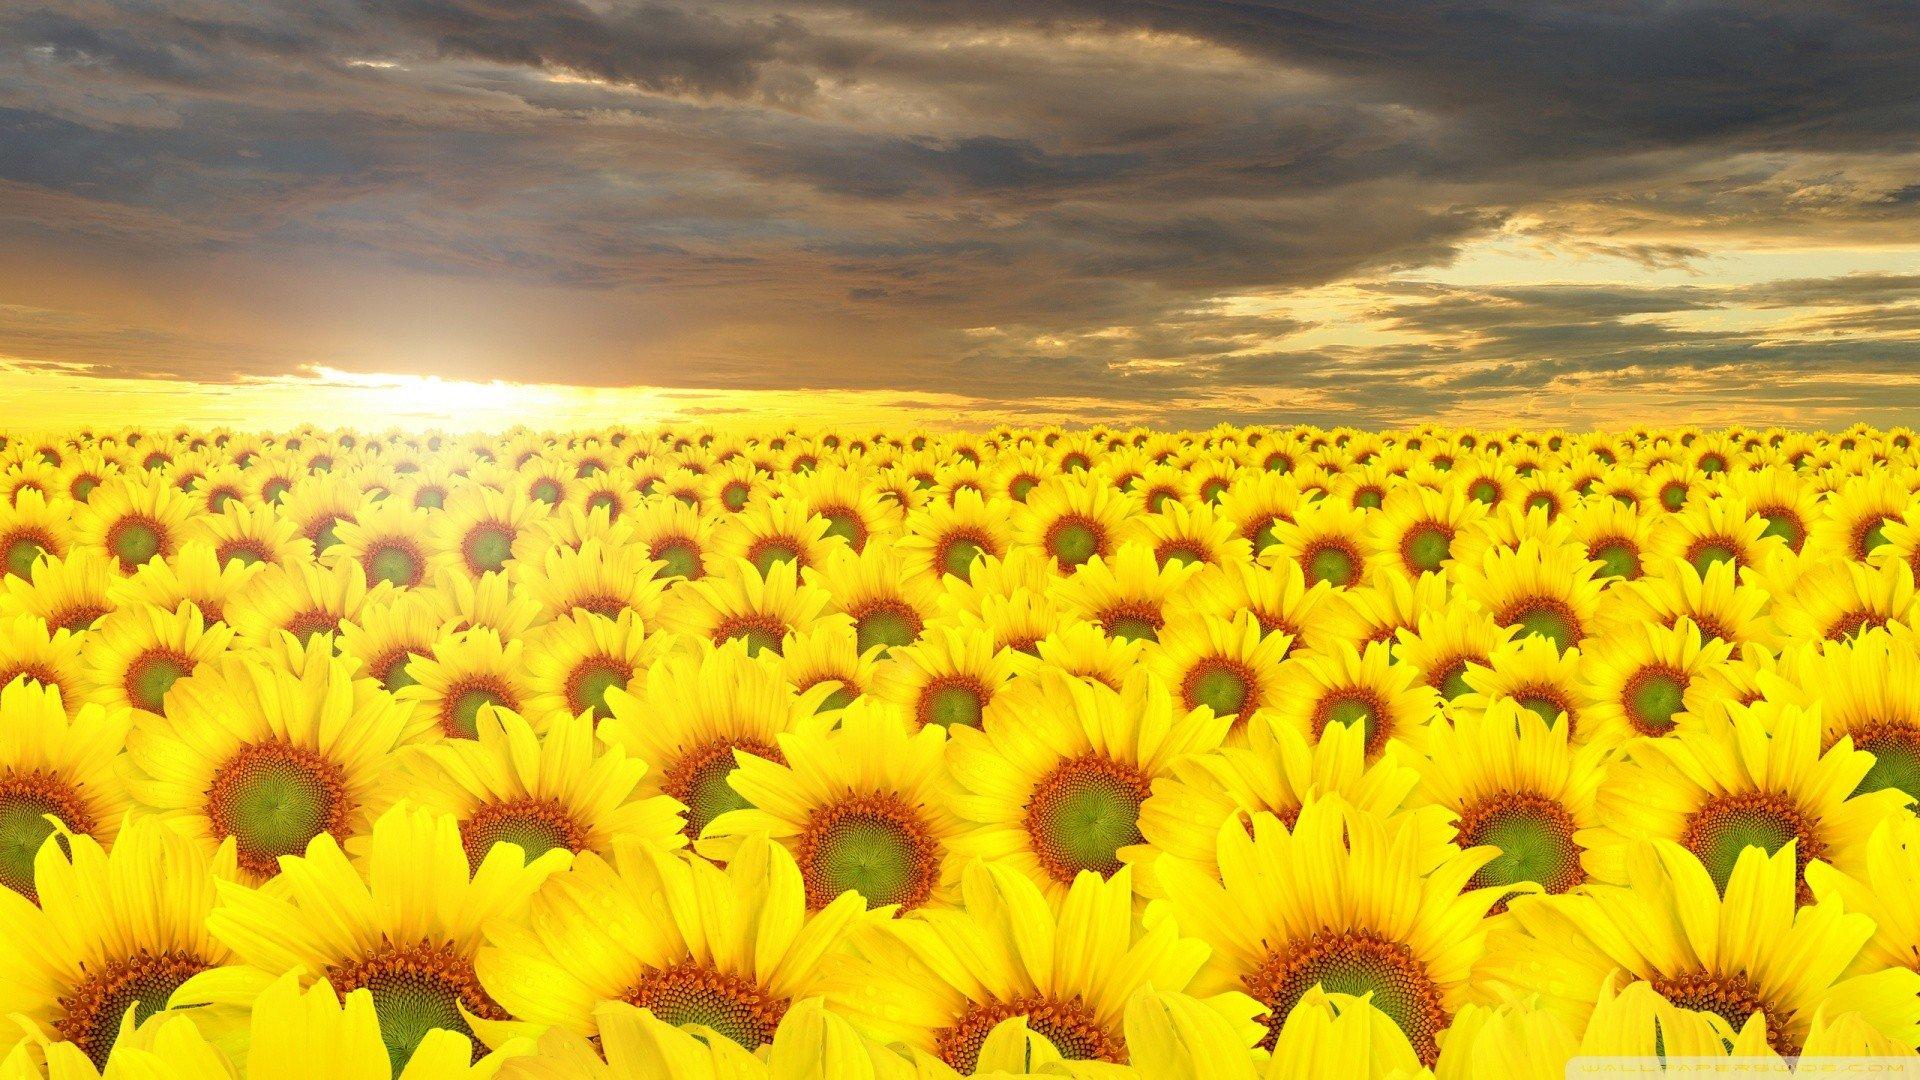 sunflower wallpaper 1080p 226571